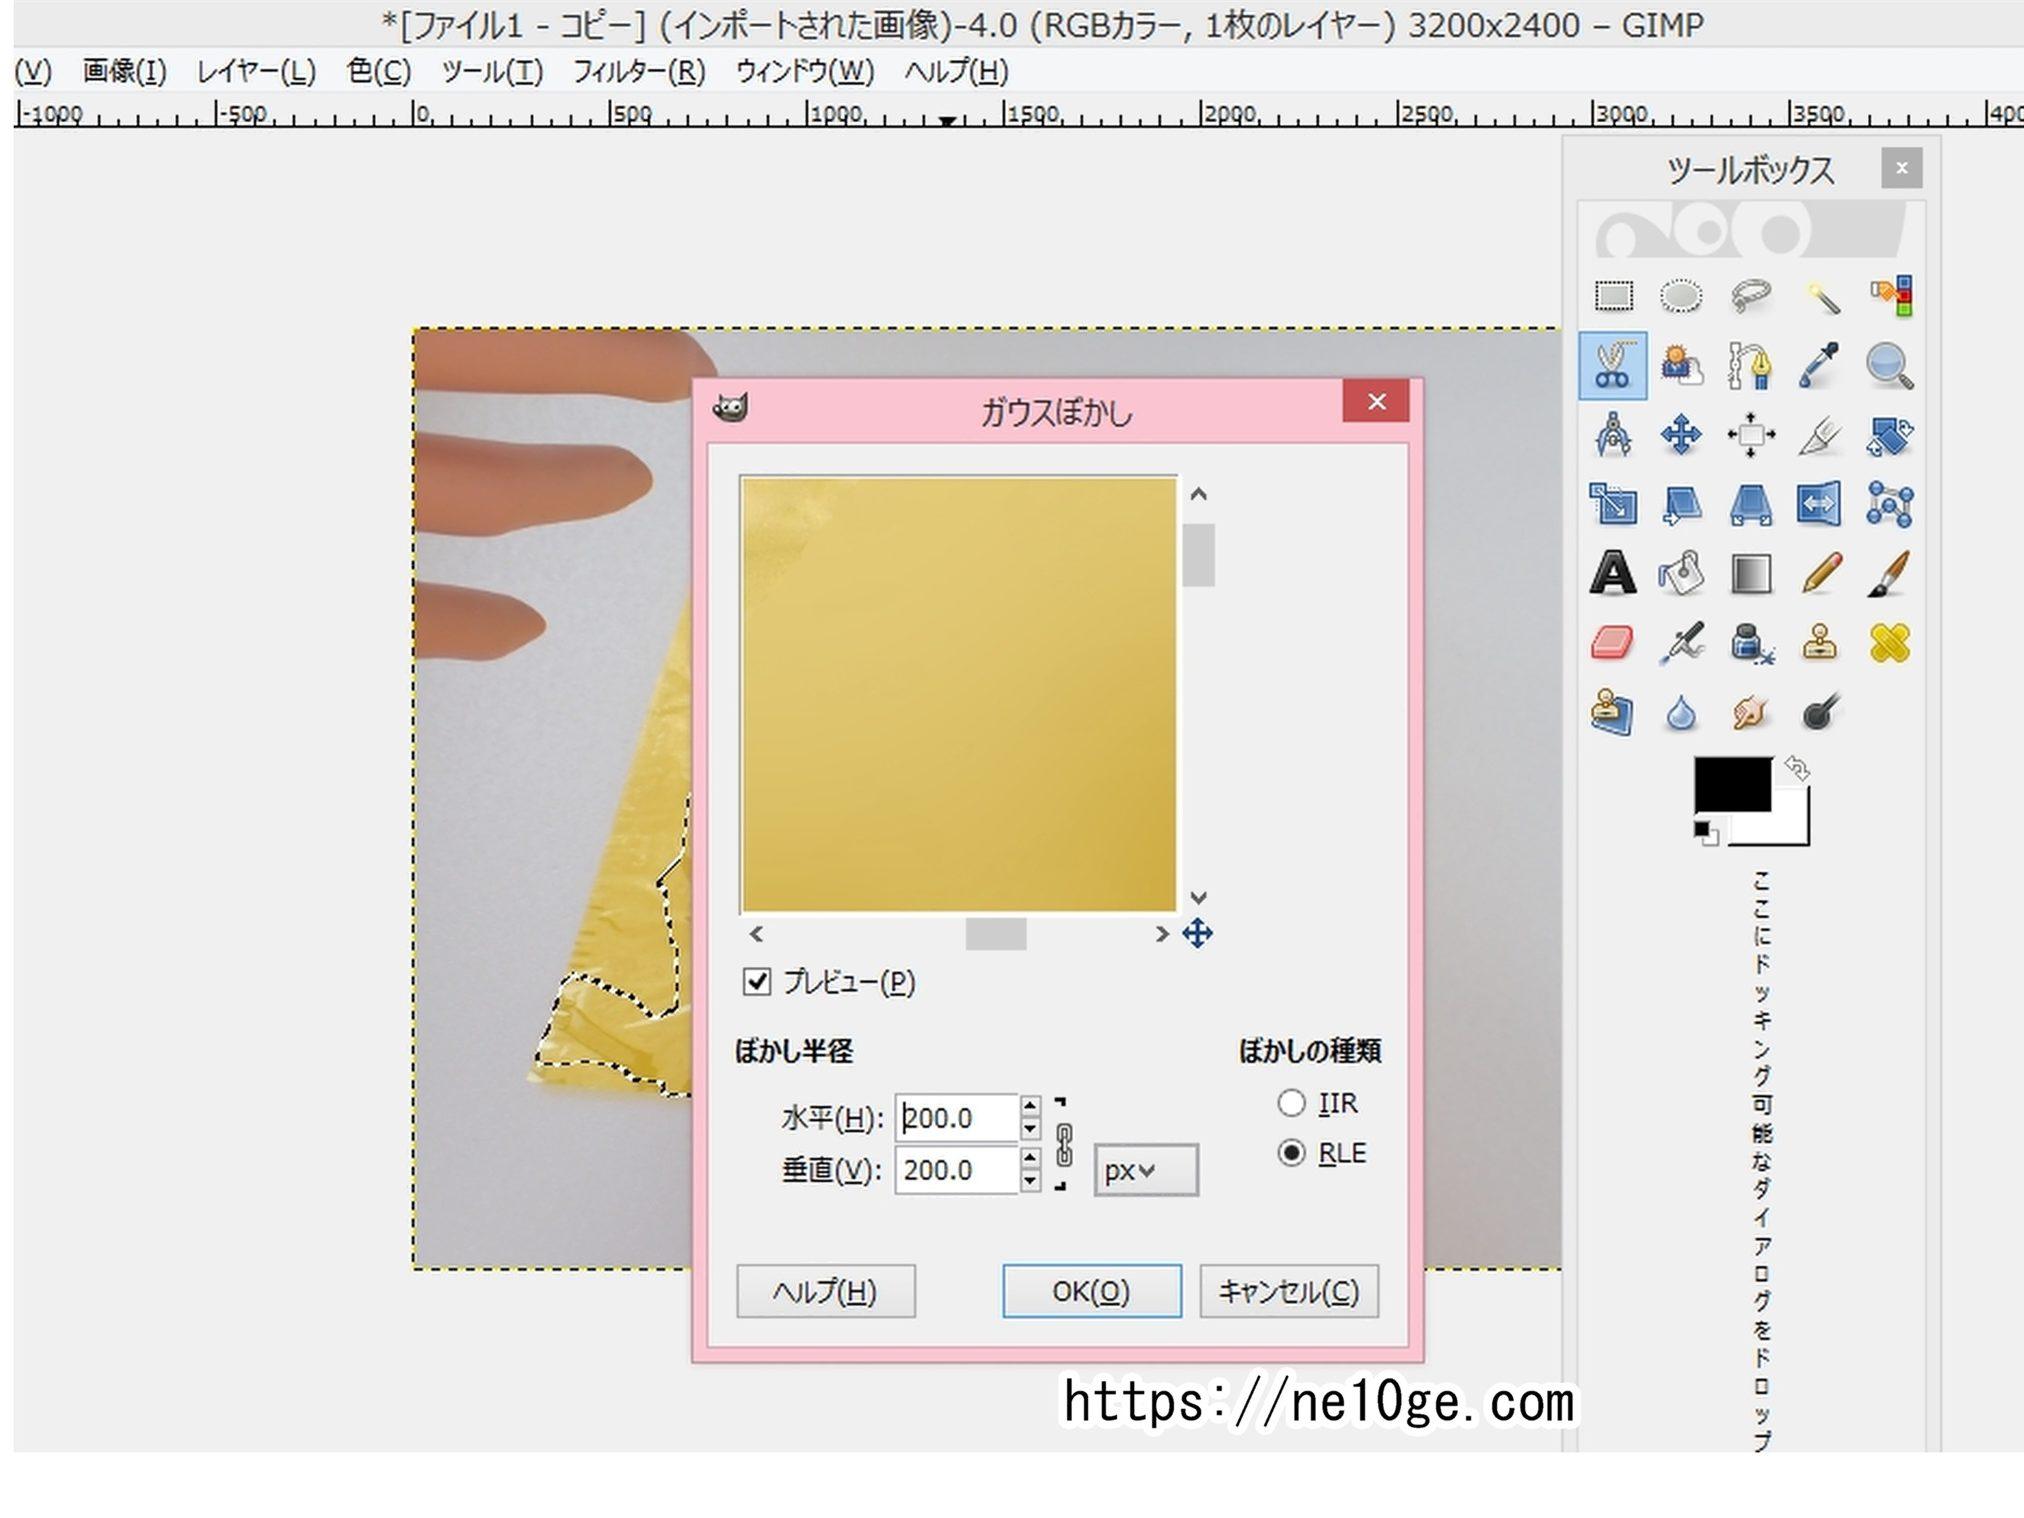 GIMPで、ぼかし半径を200程度で、ガウスぼかしをかける